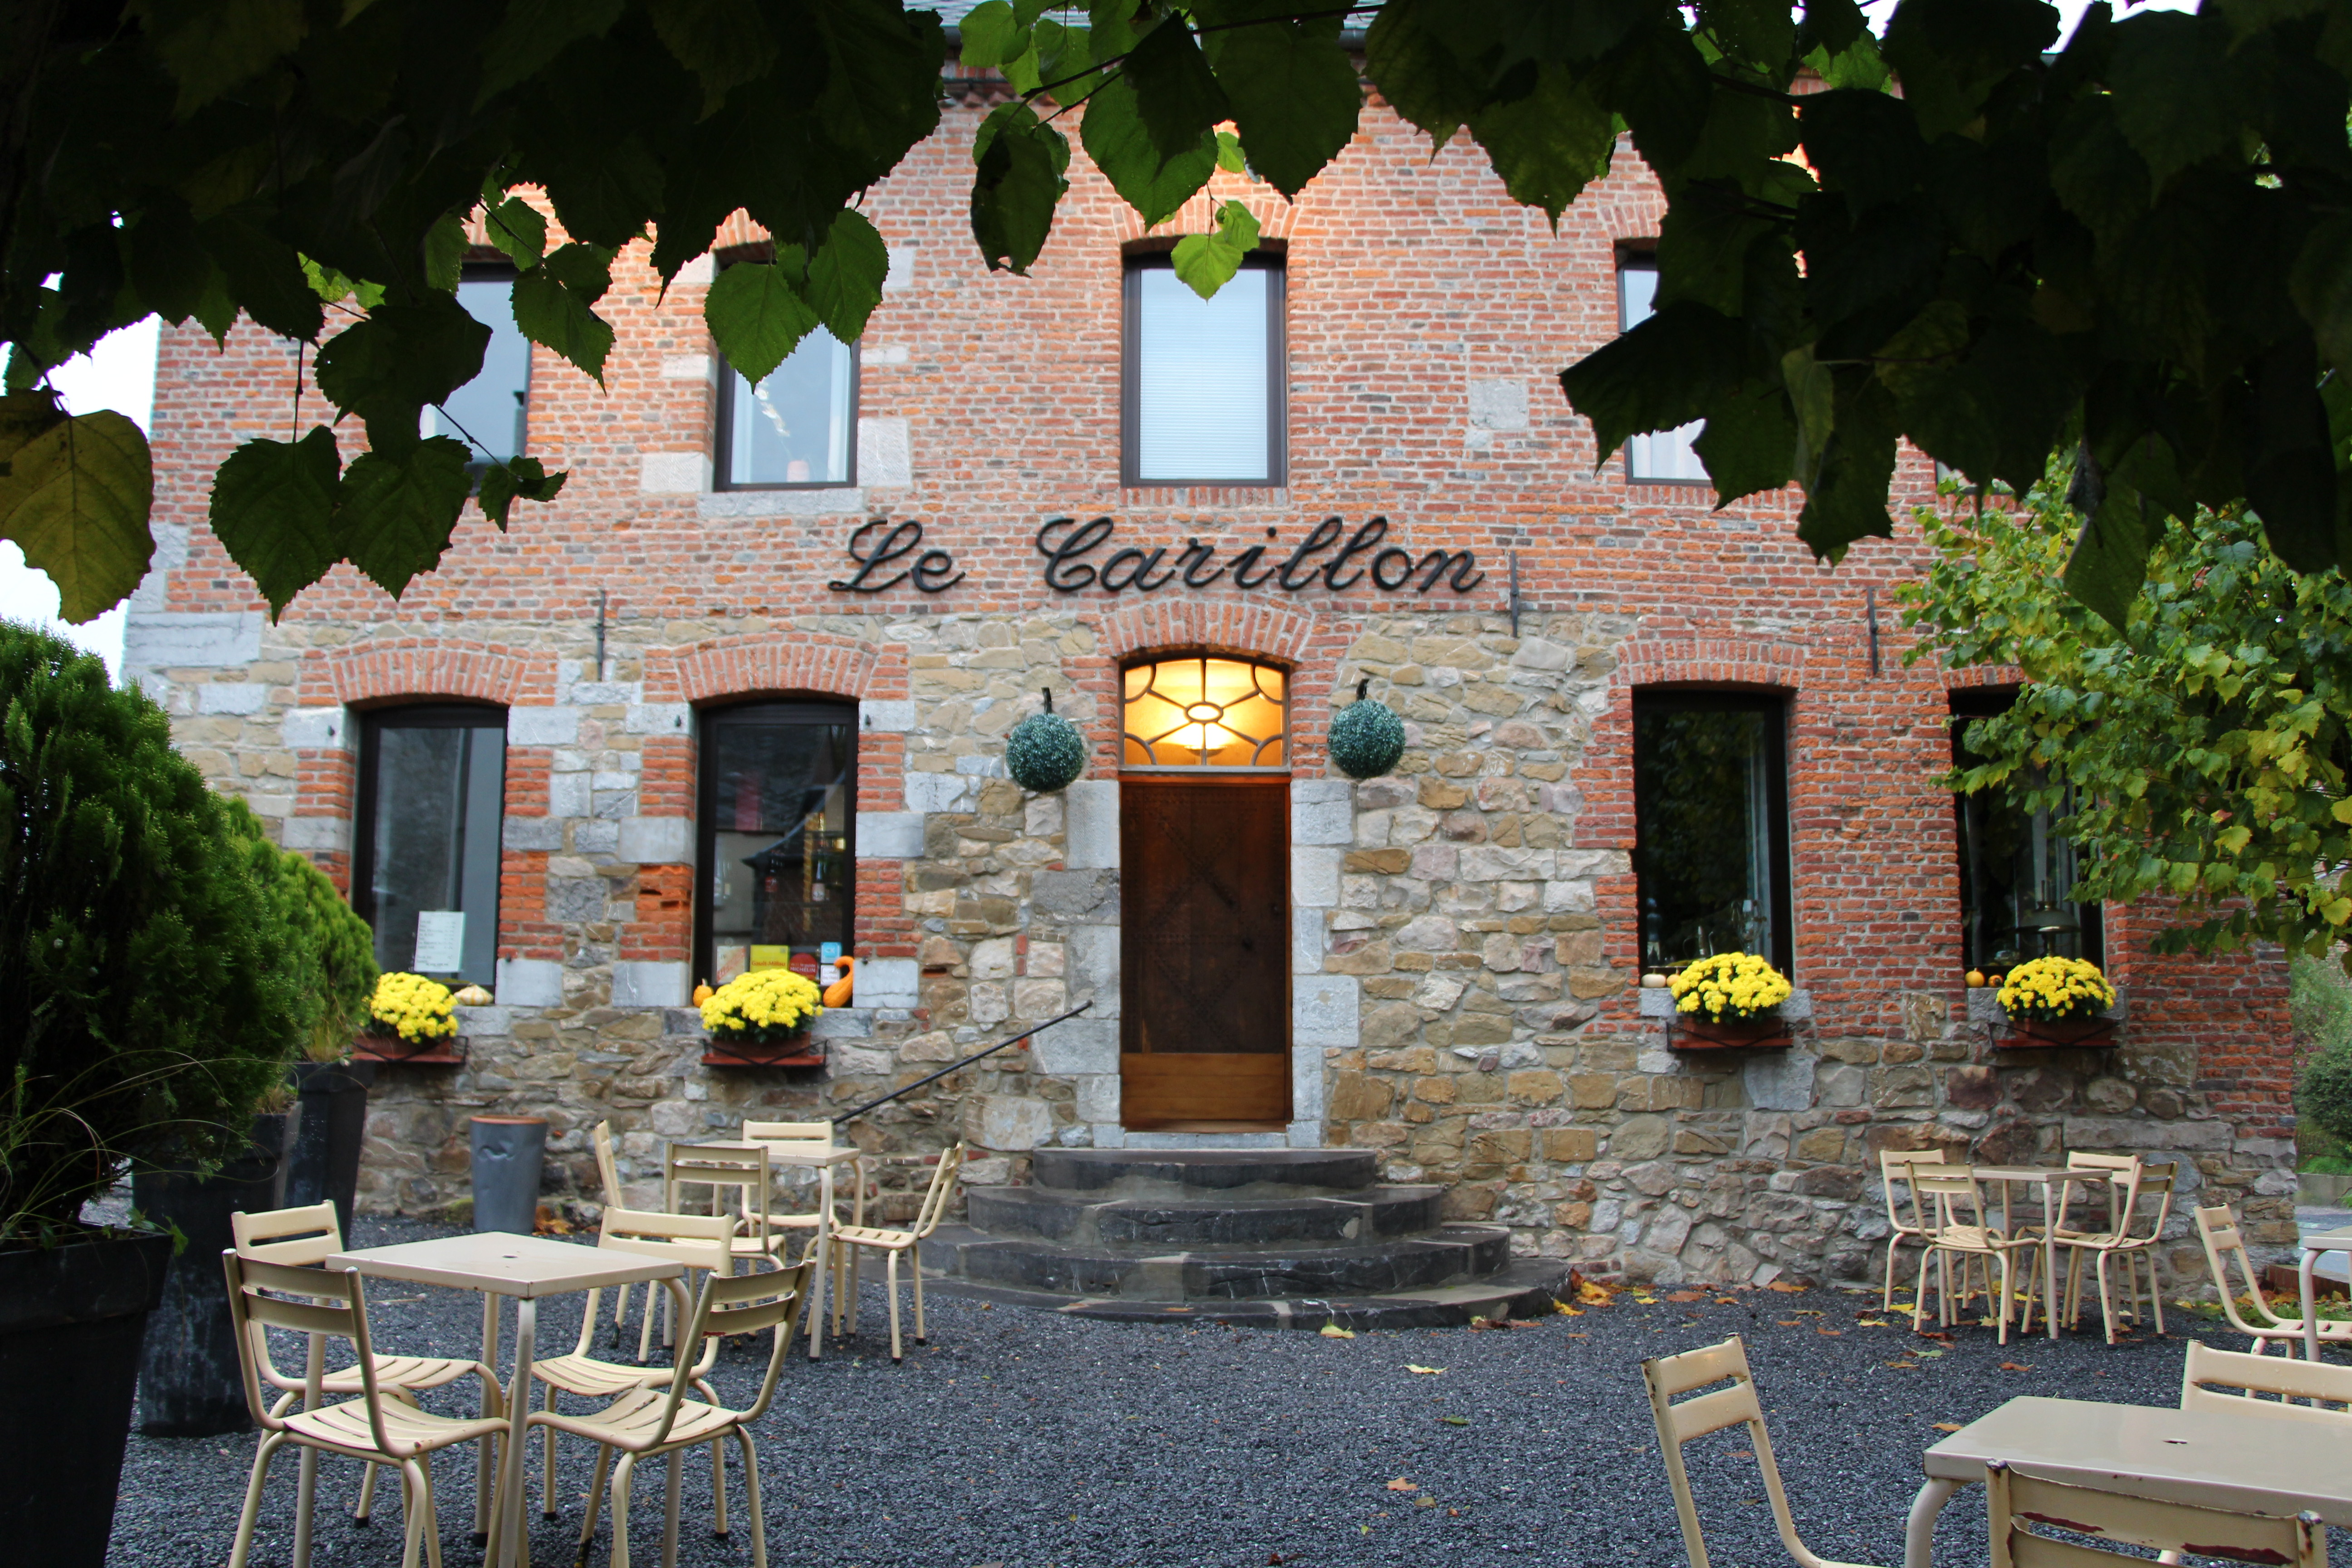 LE CARILLON 59740 LIESSIES www.le-carillon.com